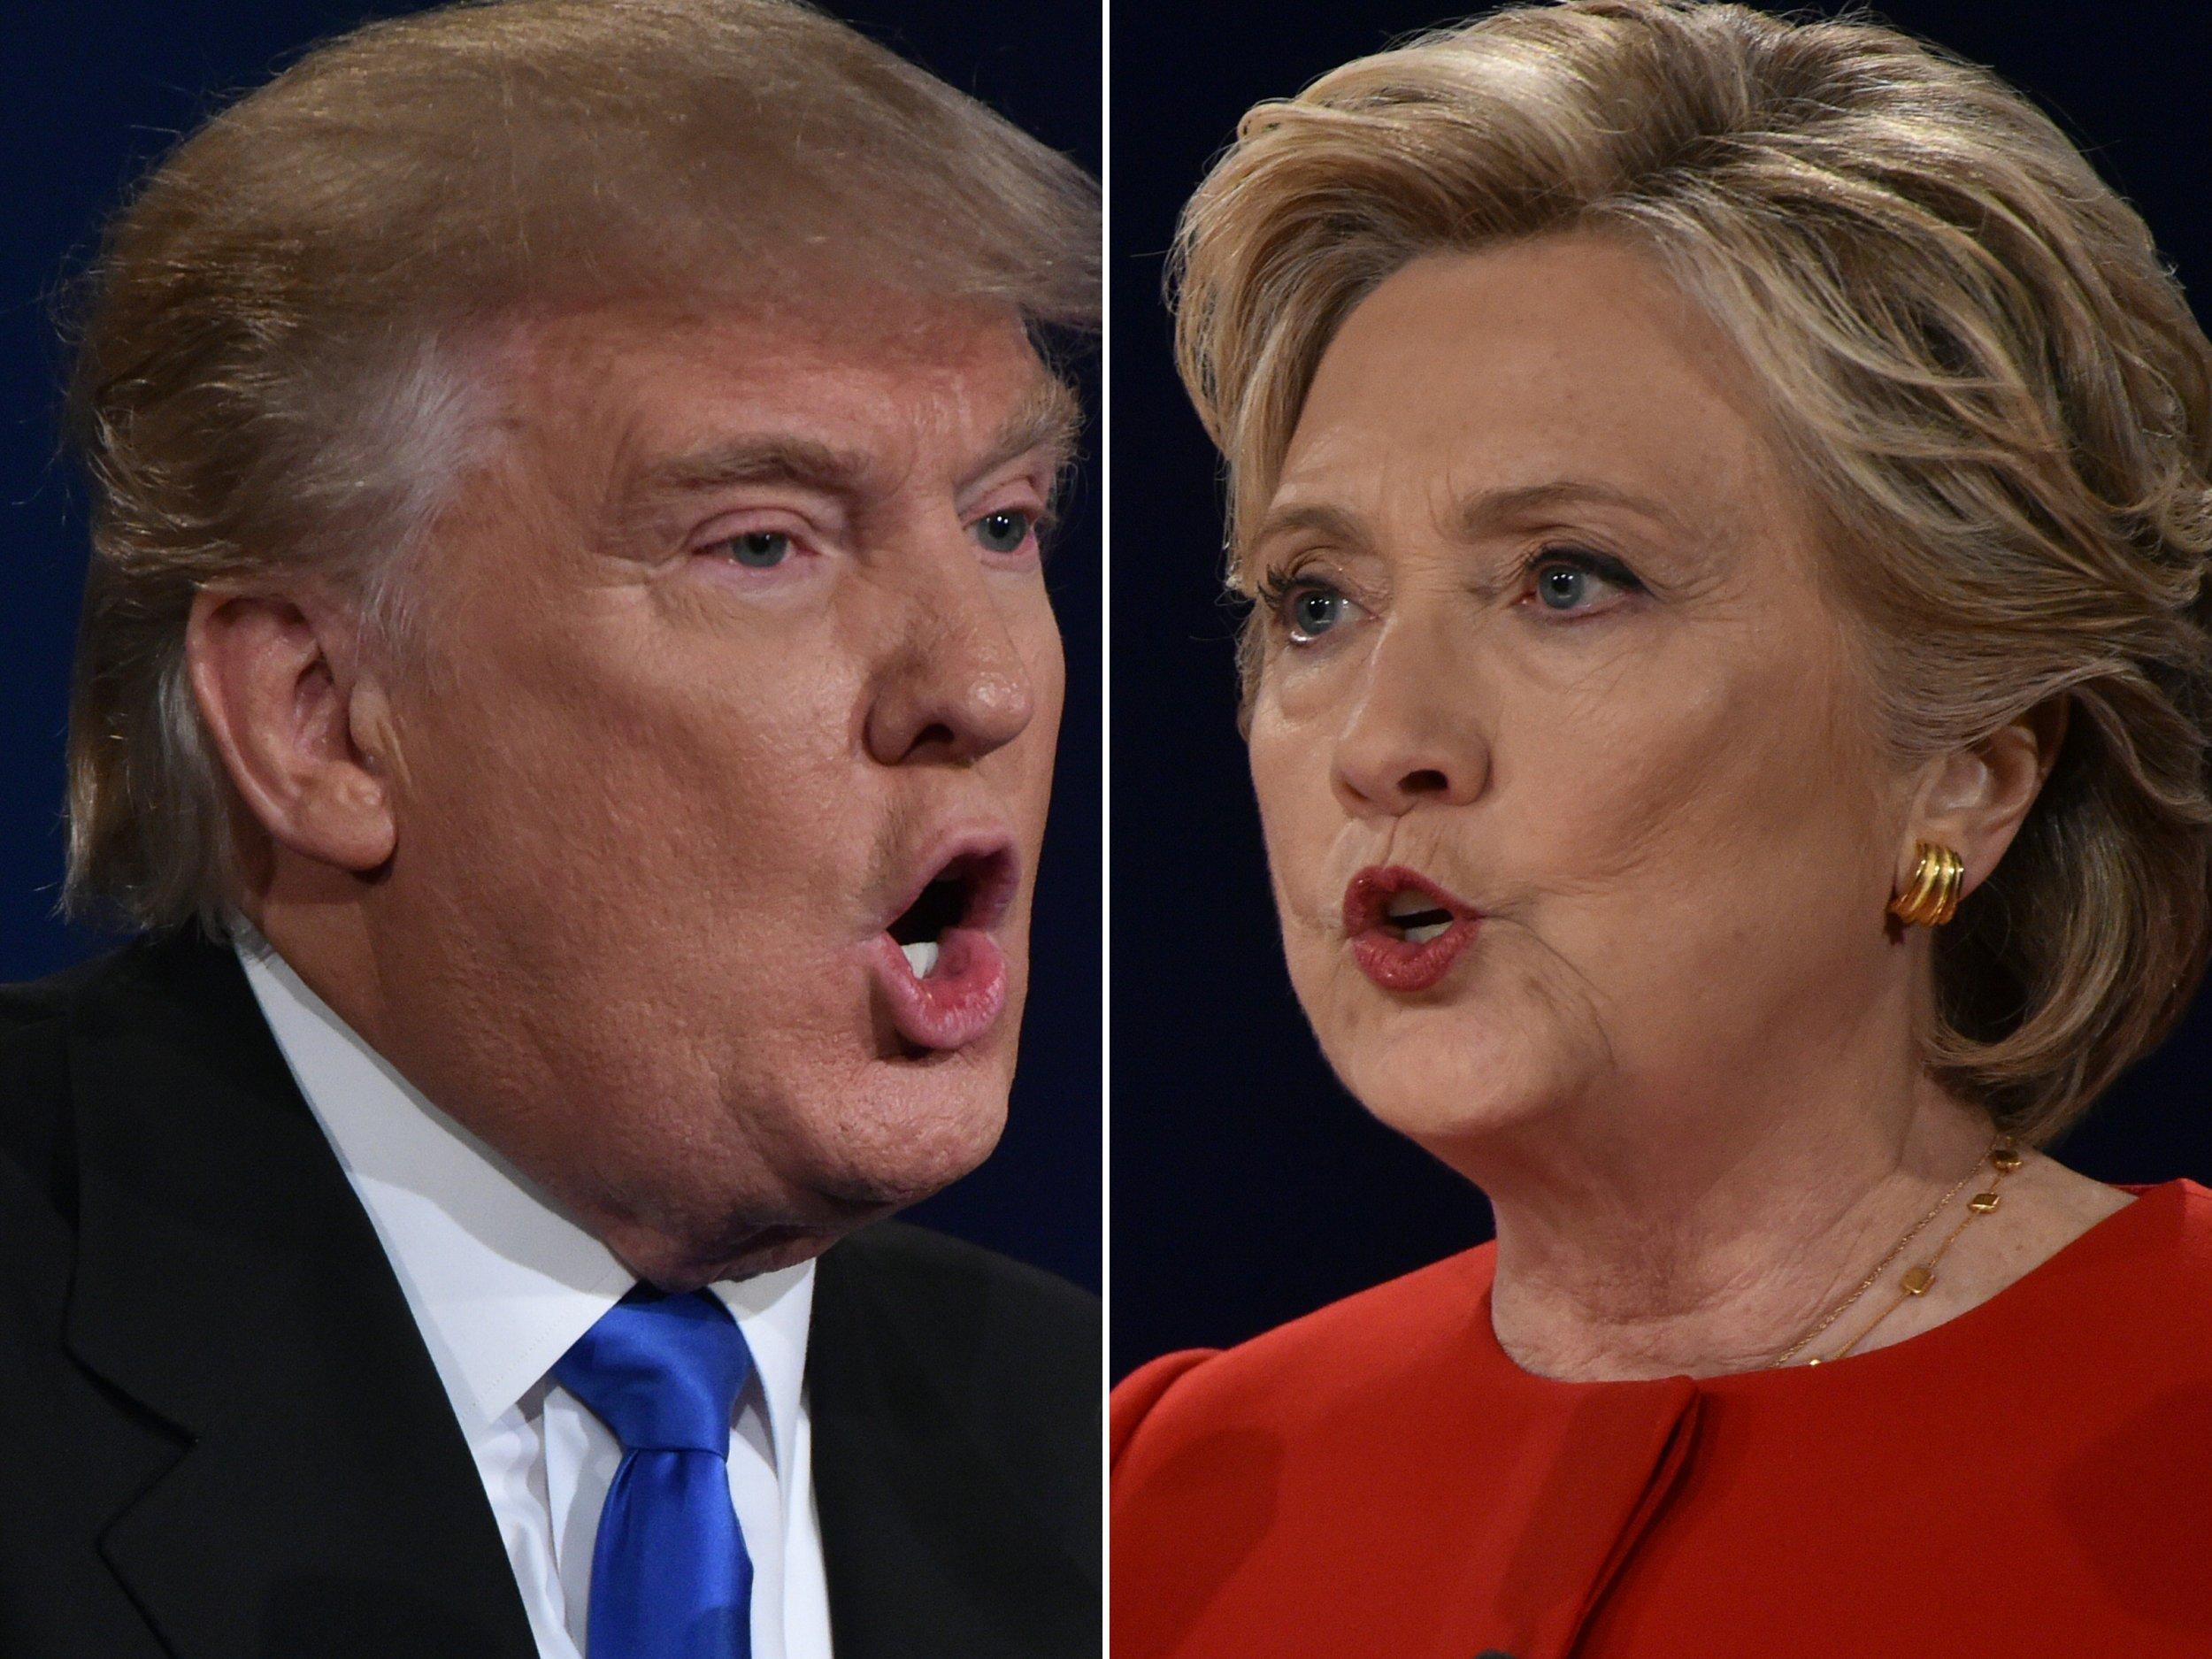 Clinton v Trump debate